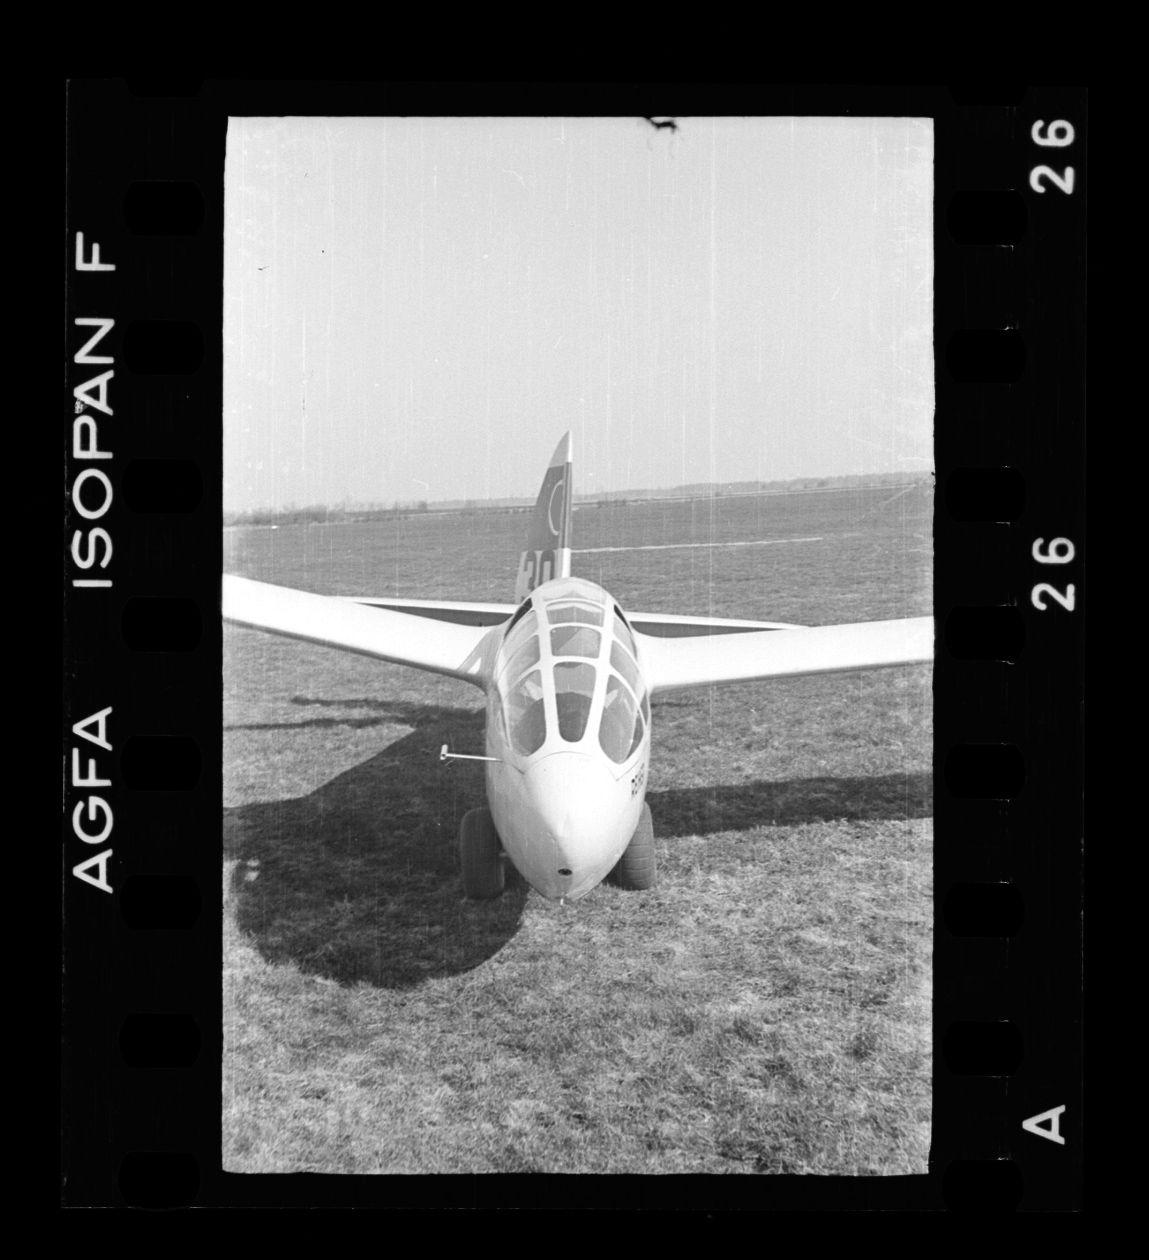 Glider_DFS_01_Reihe 3_01.jpg